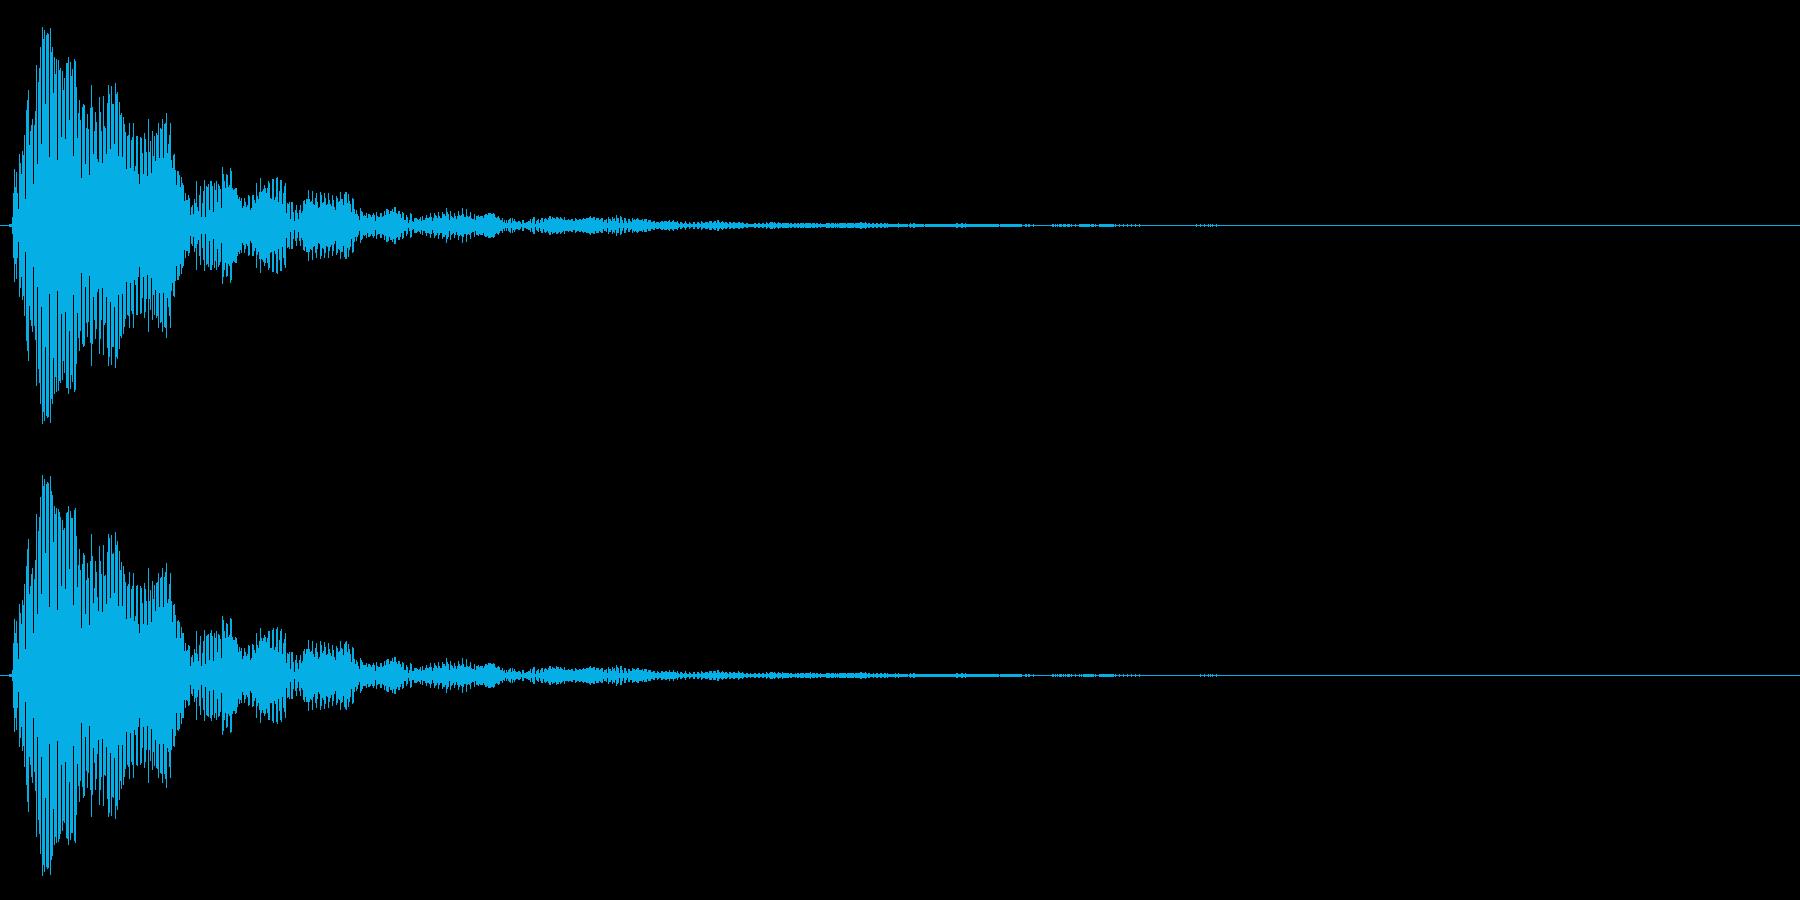 小鼓(こつづみ)の再生済みの波形